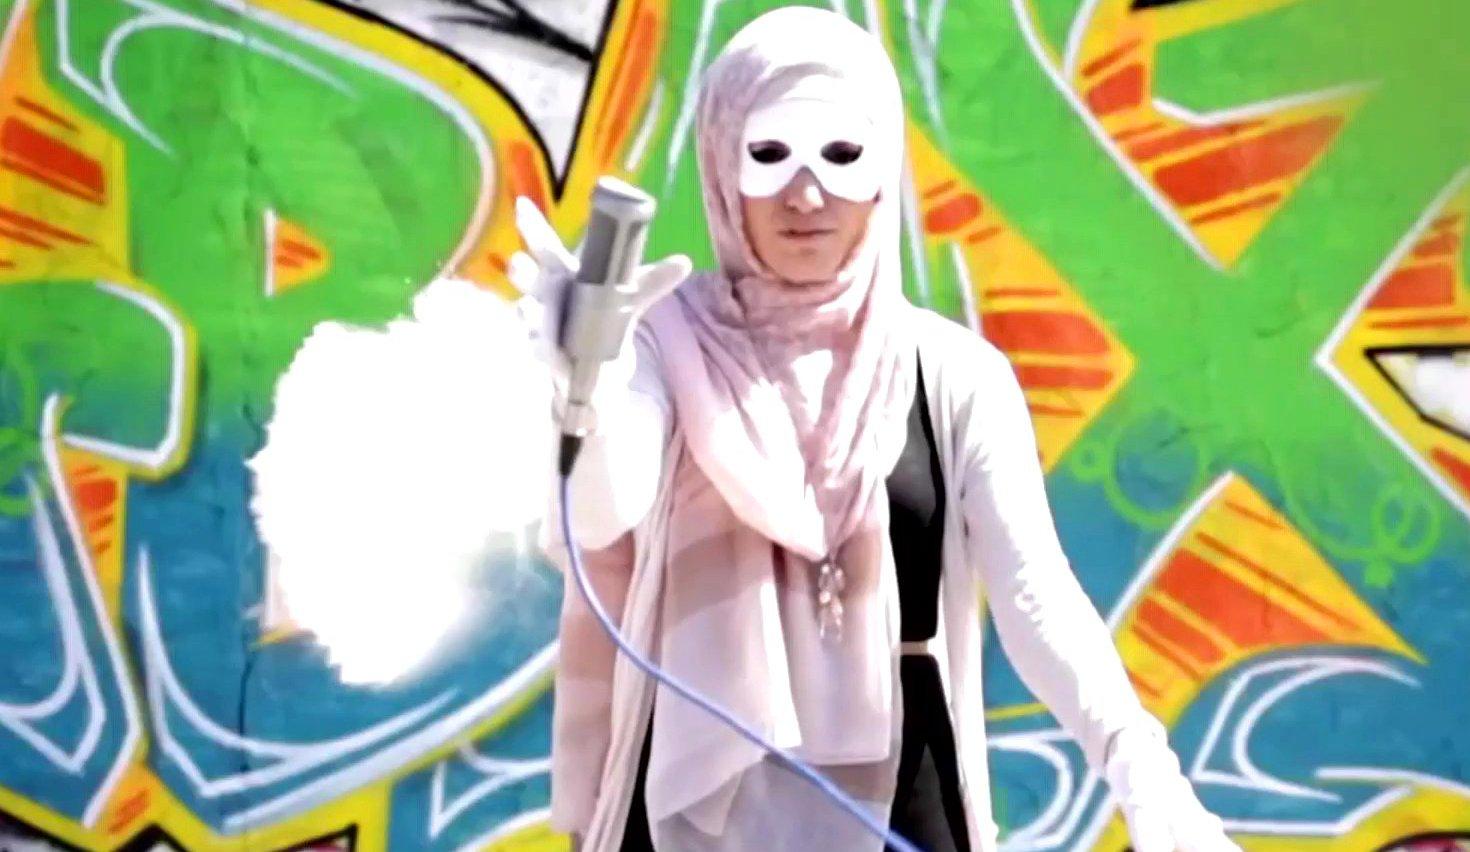 Muslimischer Videoblog i,Slam auf YouTube, 2015.